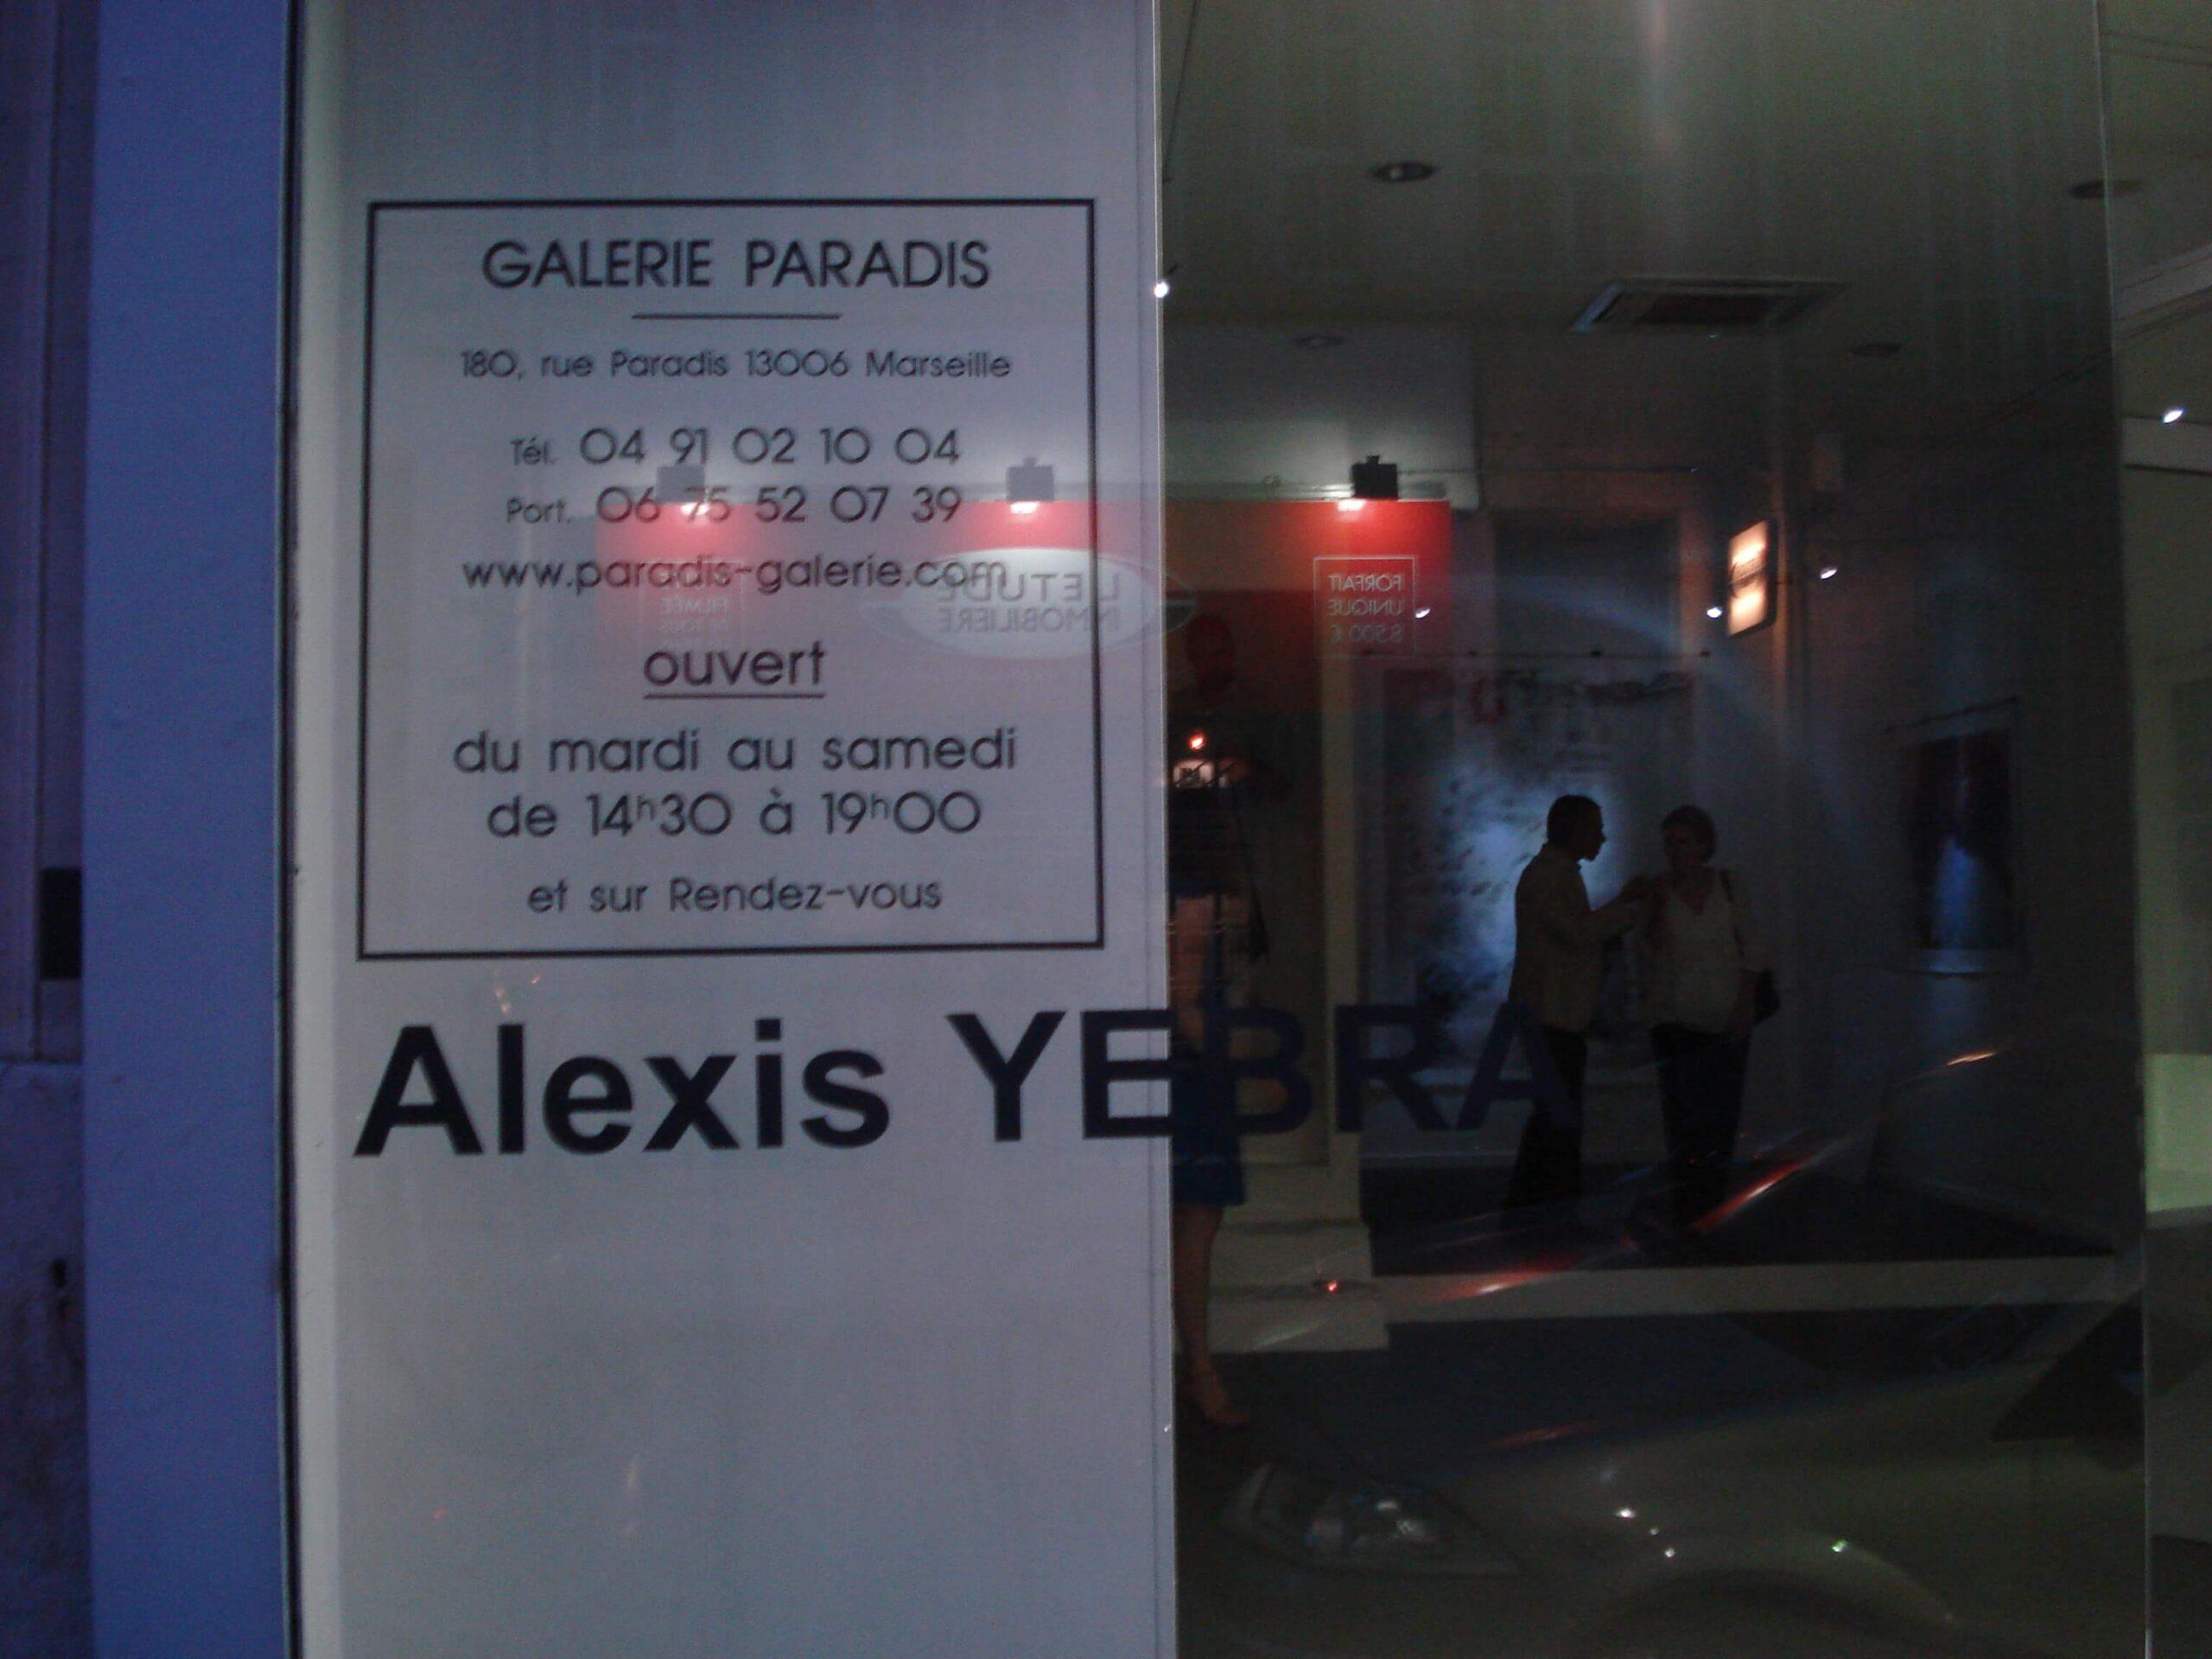 Paradis gallery